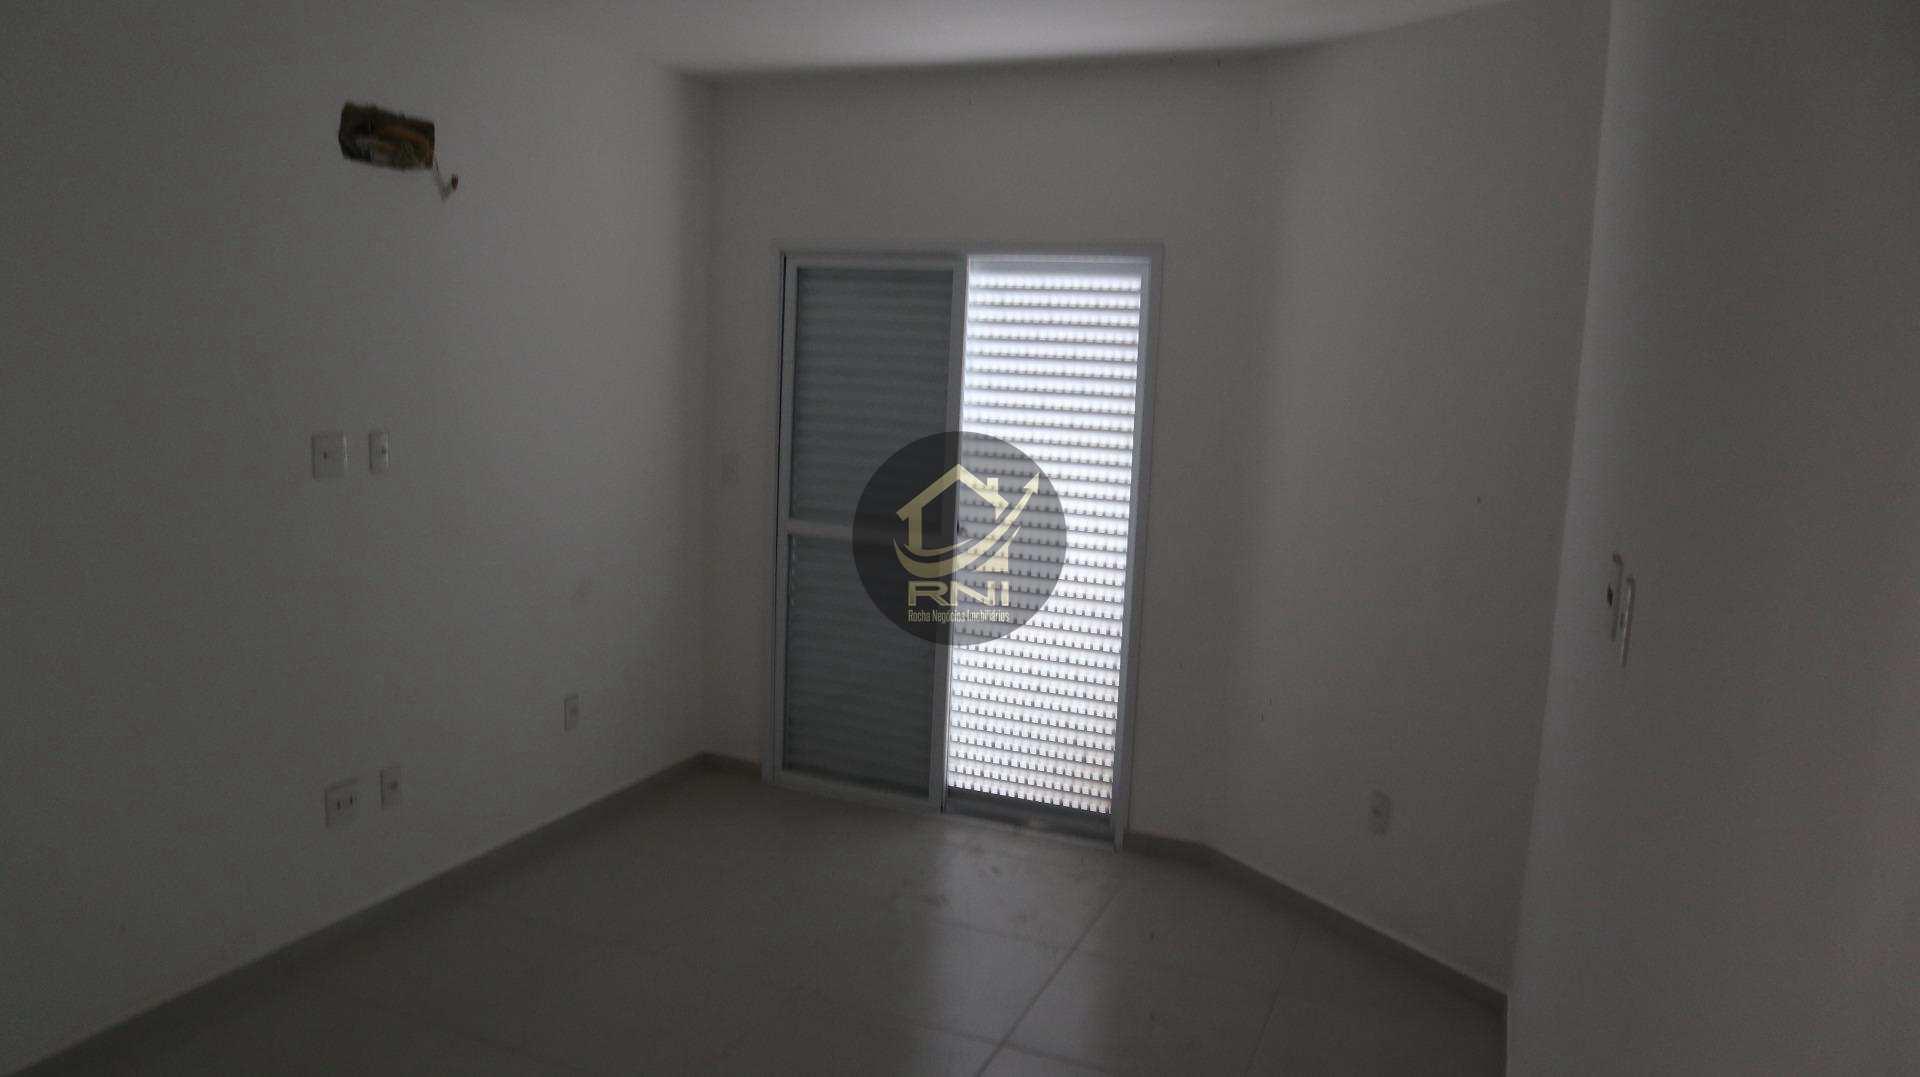 Sobrado com 4 dormitórios à venda, 170 m² por R$ 920.000,00 - Vila Belmiro - Santos/SP